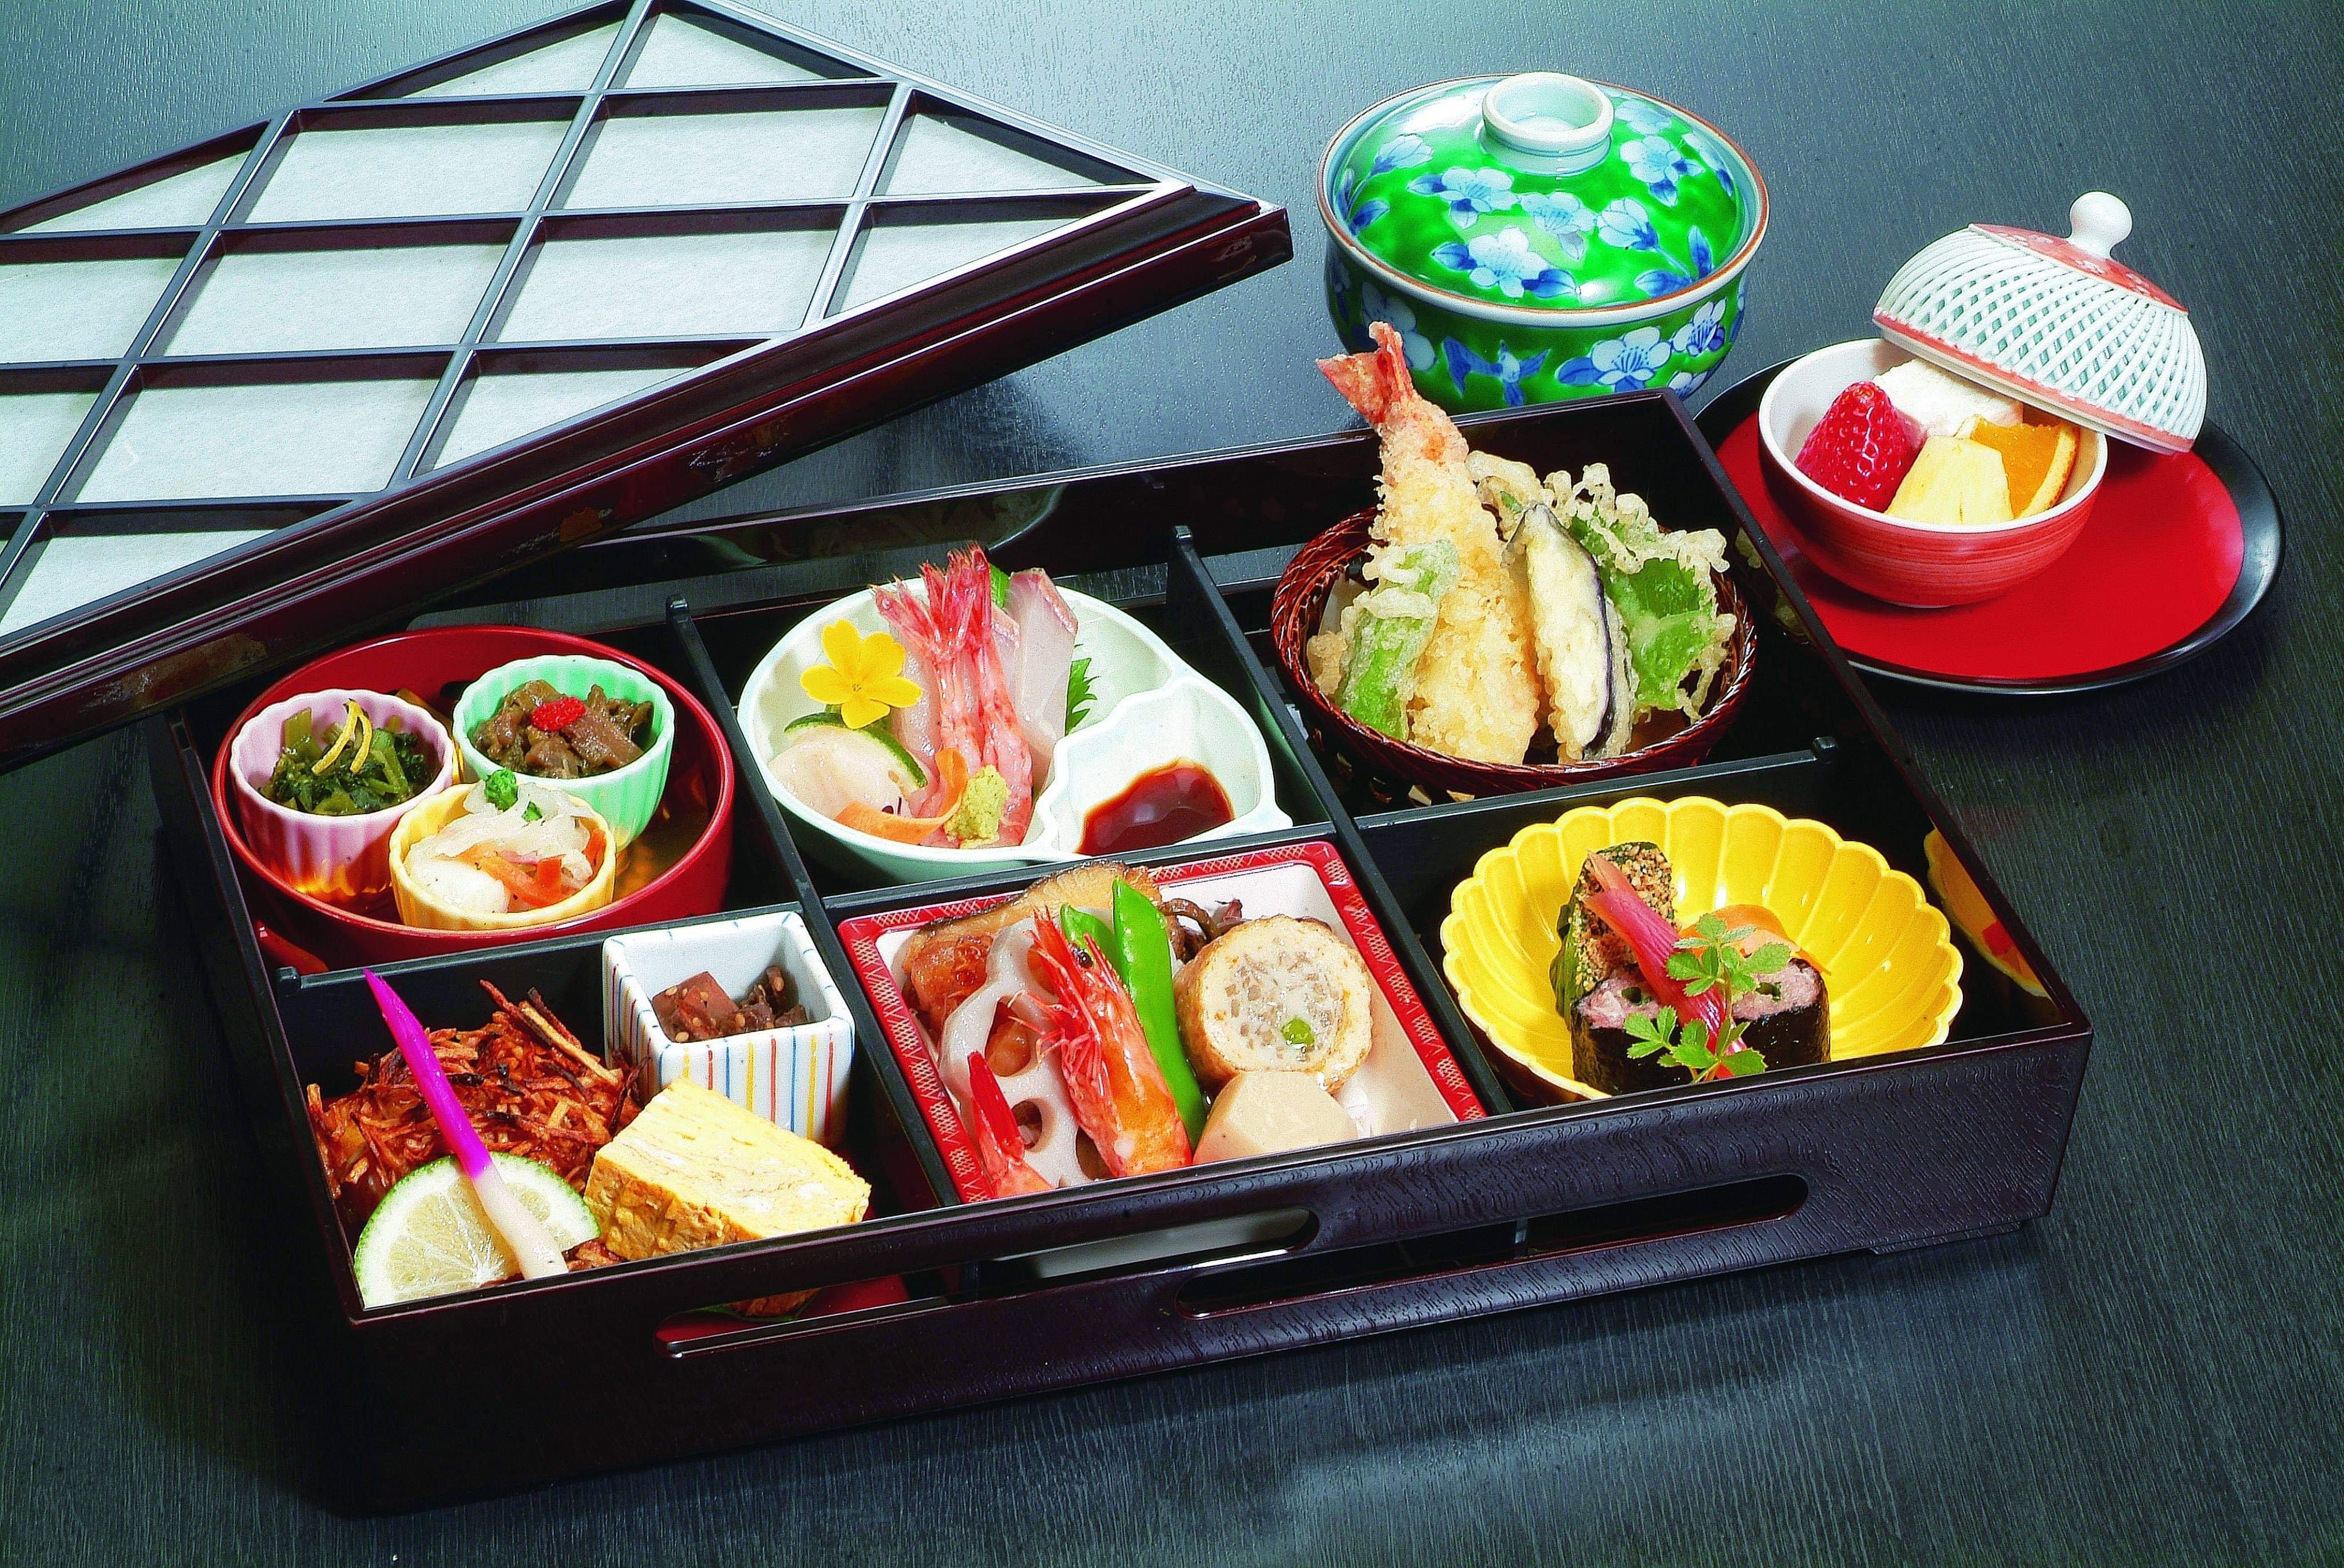 2700(税込)桜御膳テイクアウト松花堂弁当ウェブチケットのイメージその1